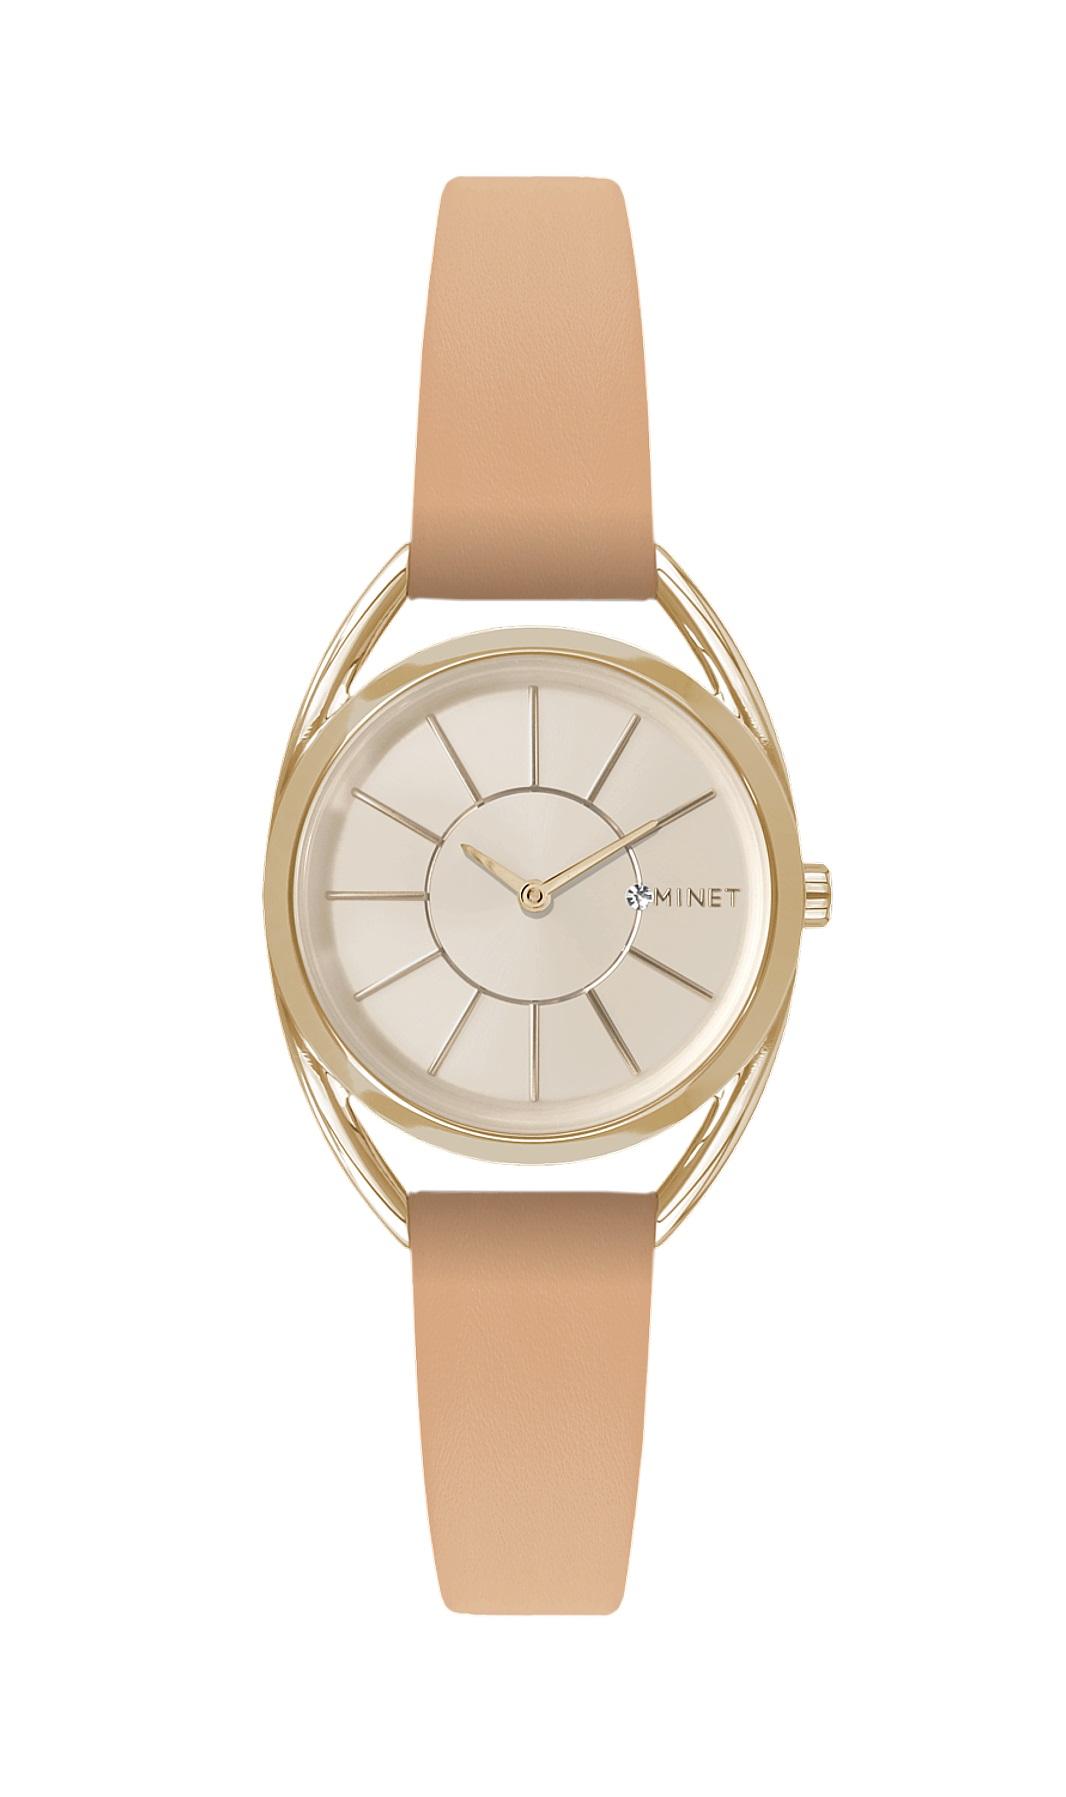 Světle hnědé dámské hodinky MINET ICON VANILLA LATTE MWL5022 (POŠTOVNÉ ZDARMA!! )